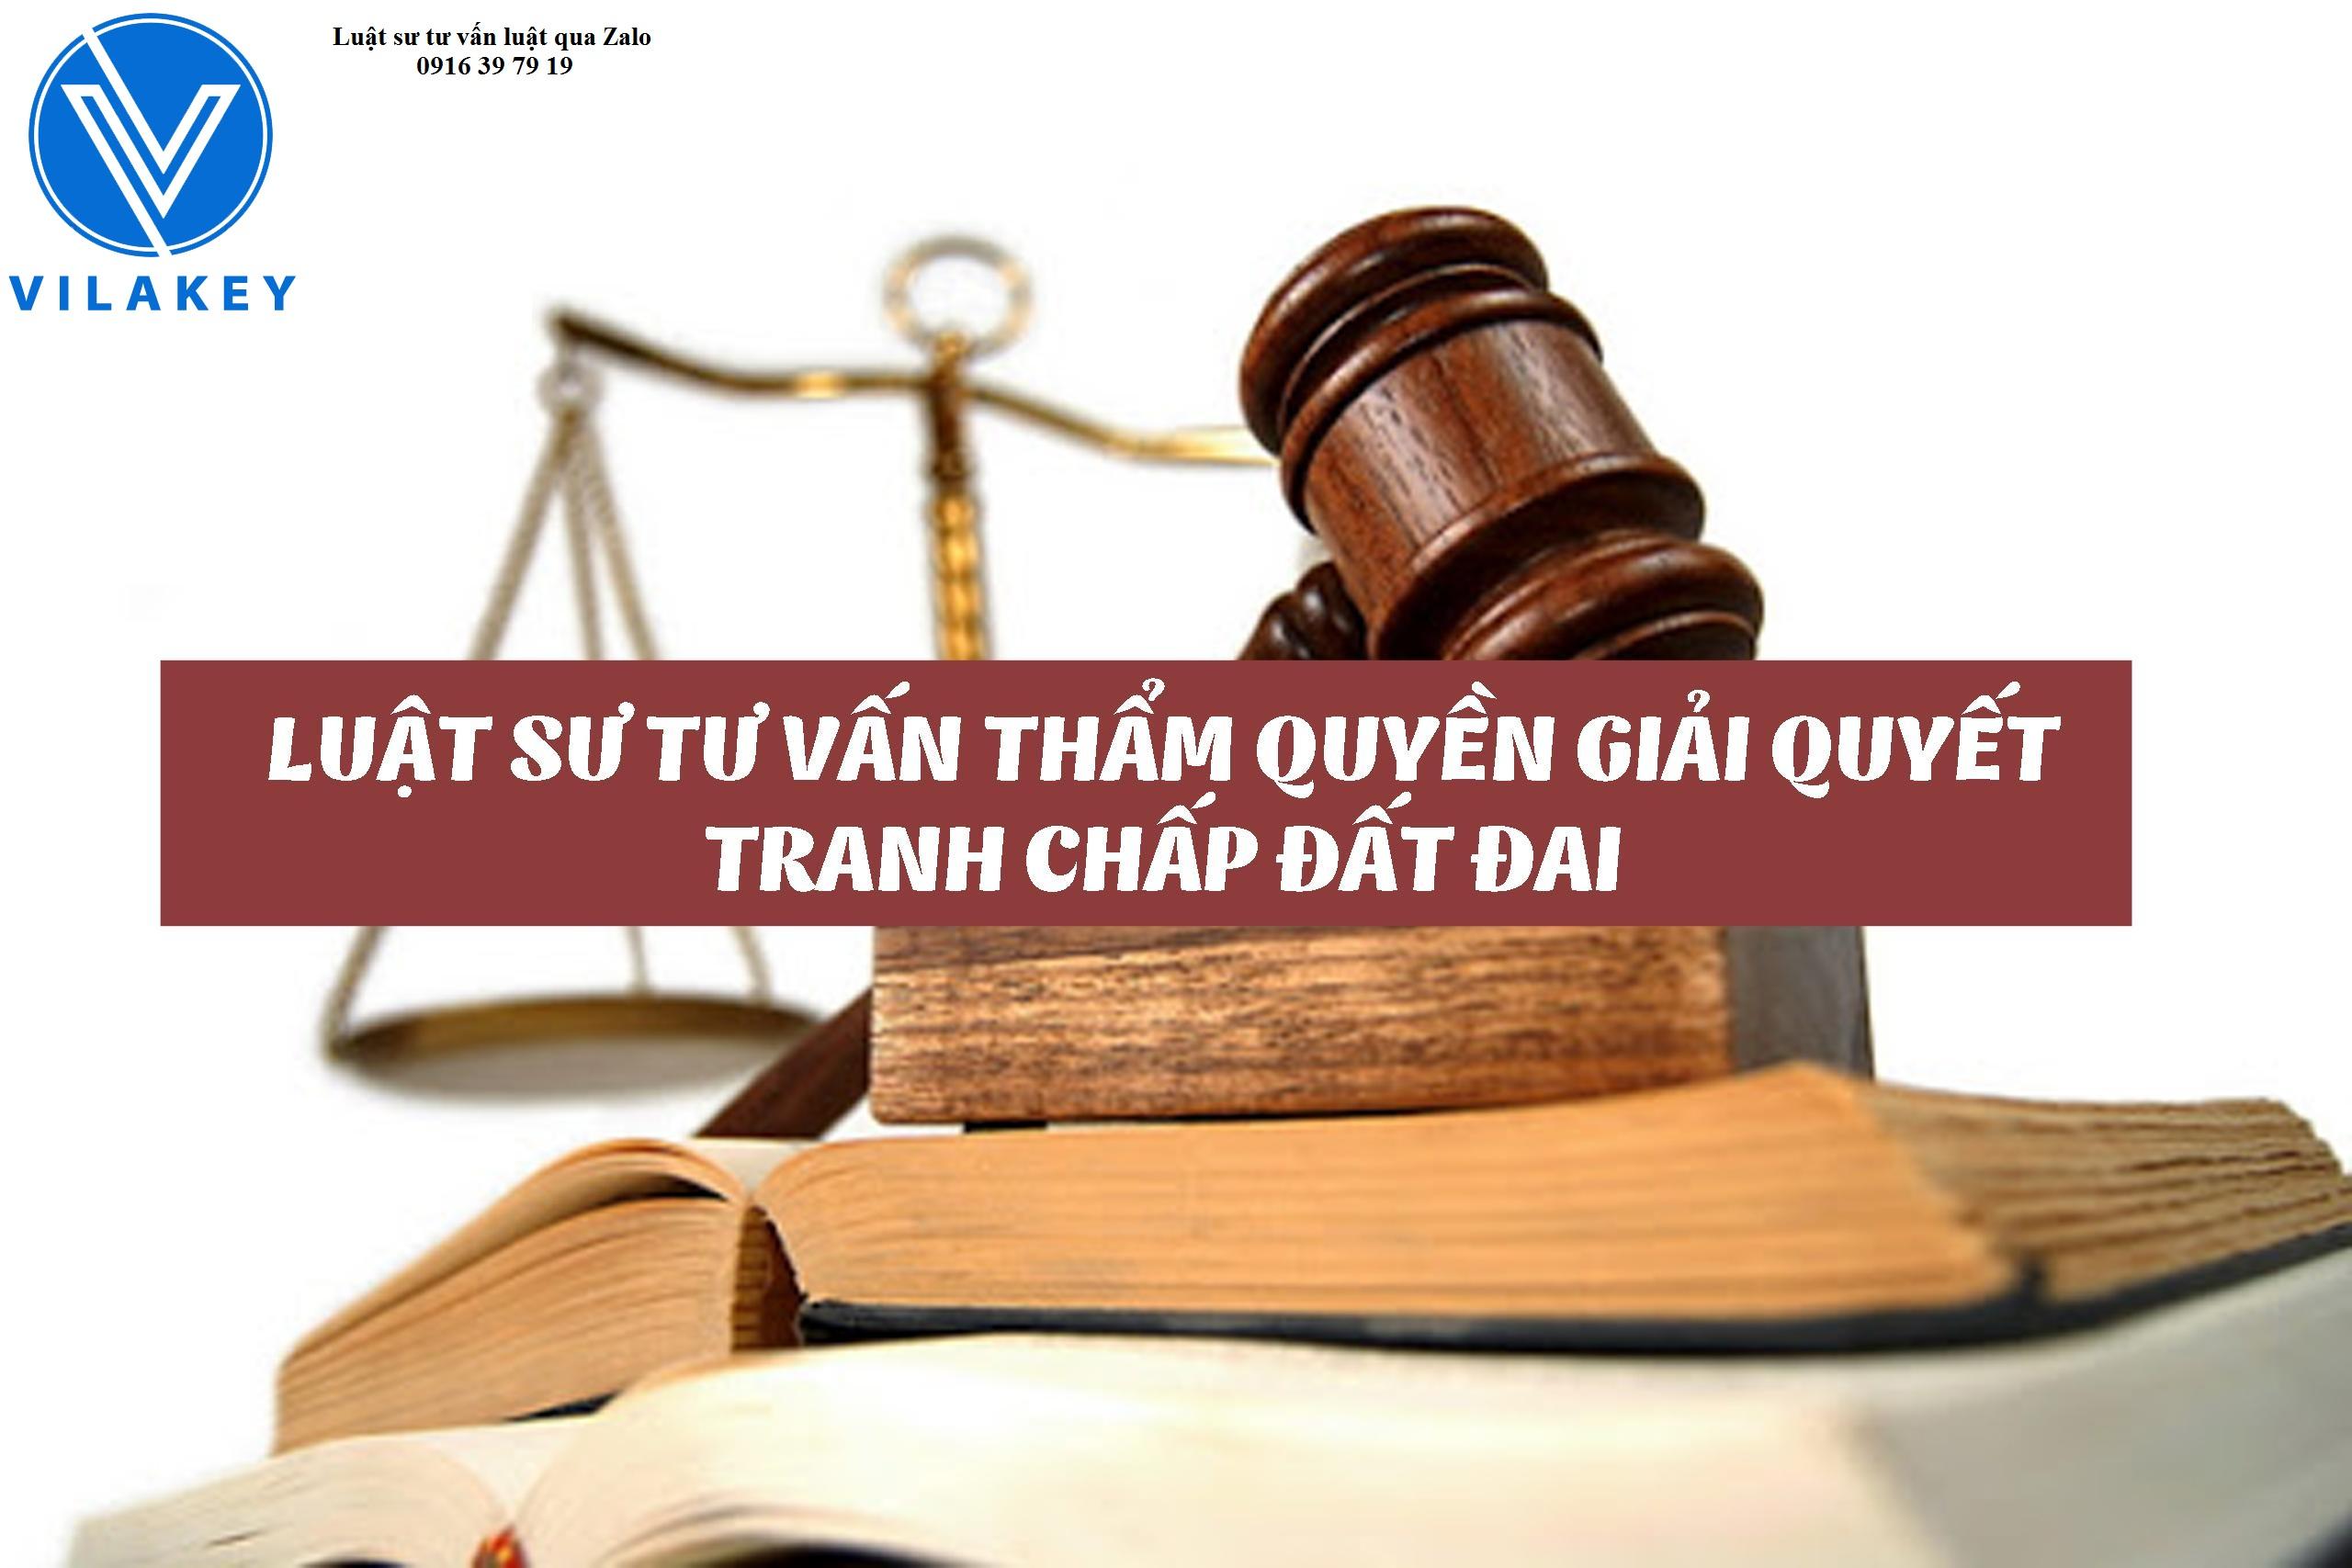 Tham quyen giai quyet tranh chap dat dai - Thẩm quyền giải quyết tranh chấp đất đai tại UBND cấp xã